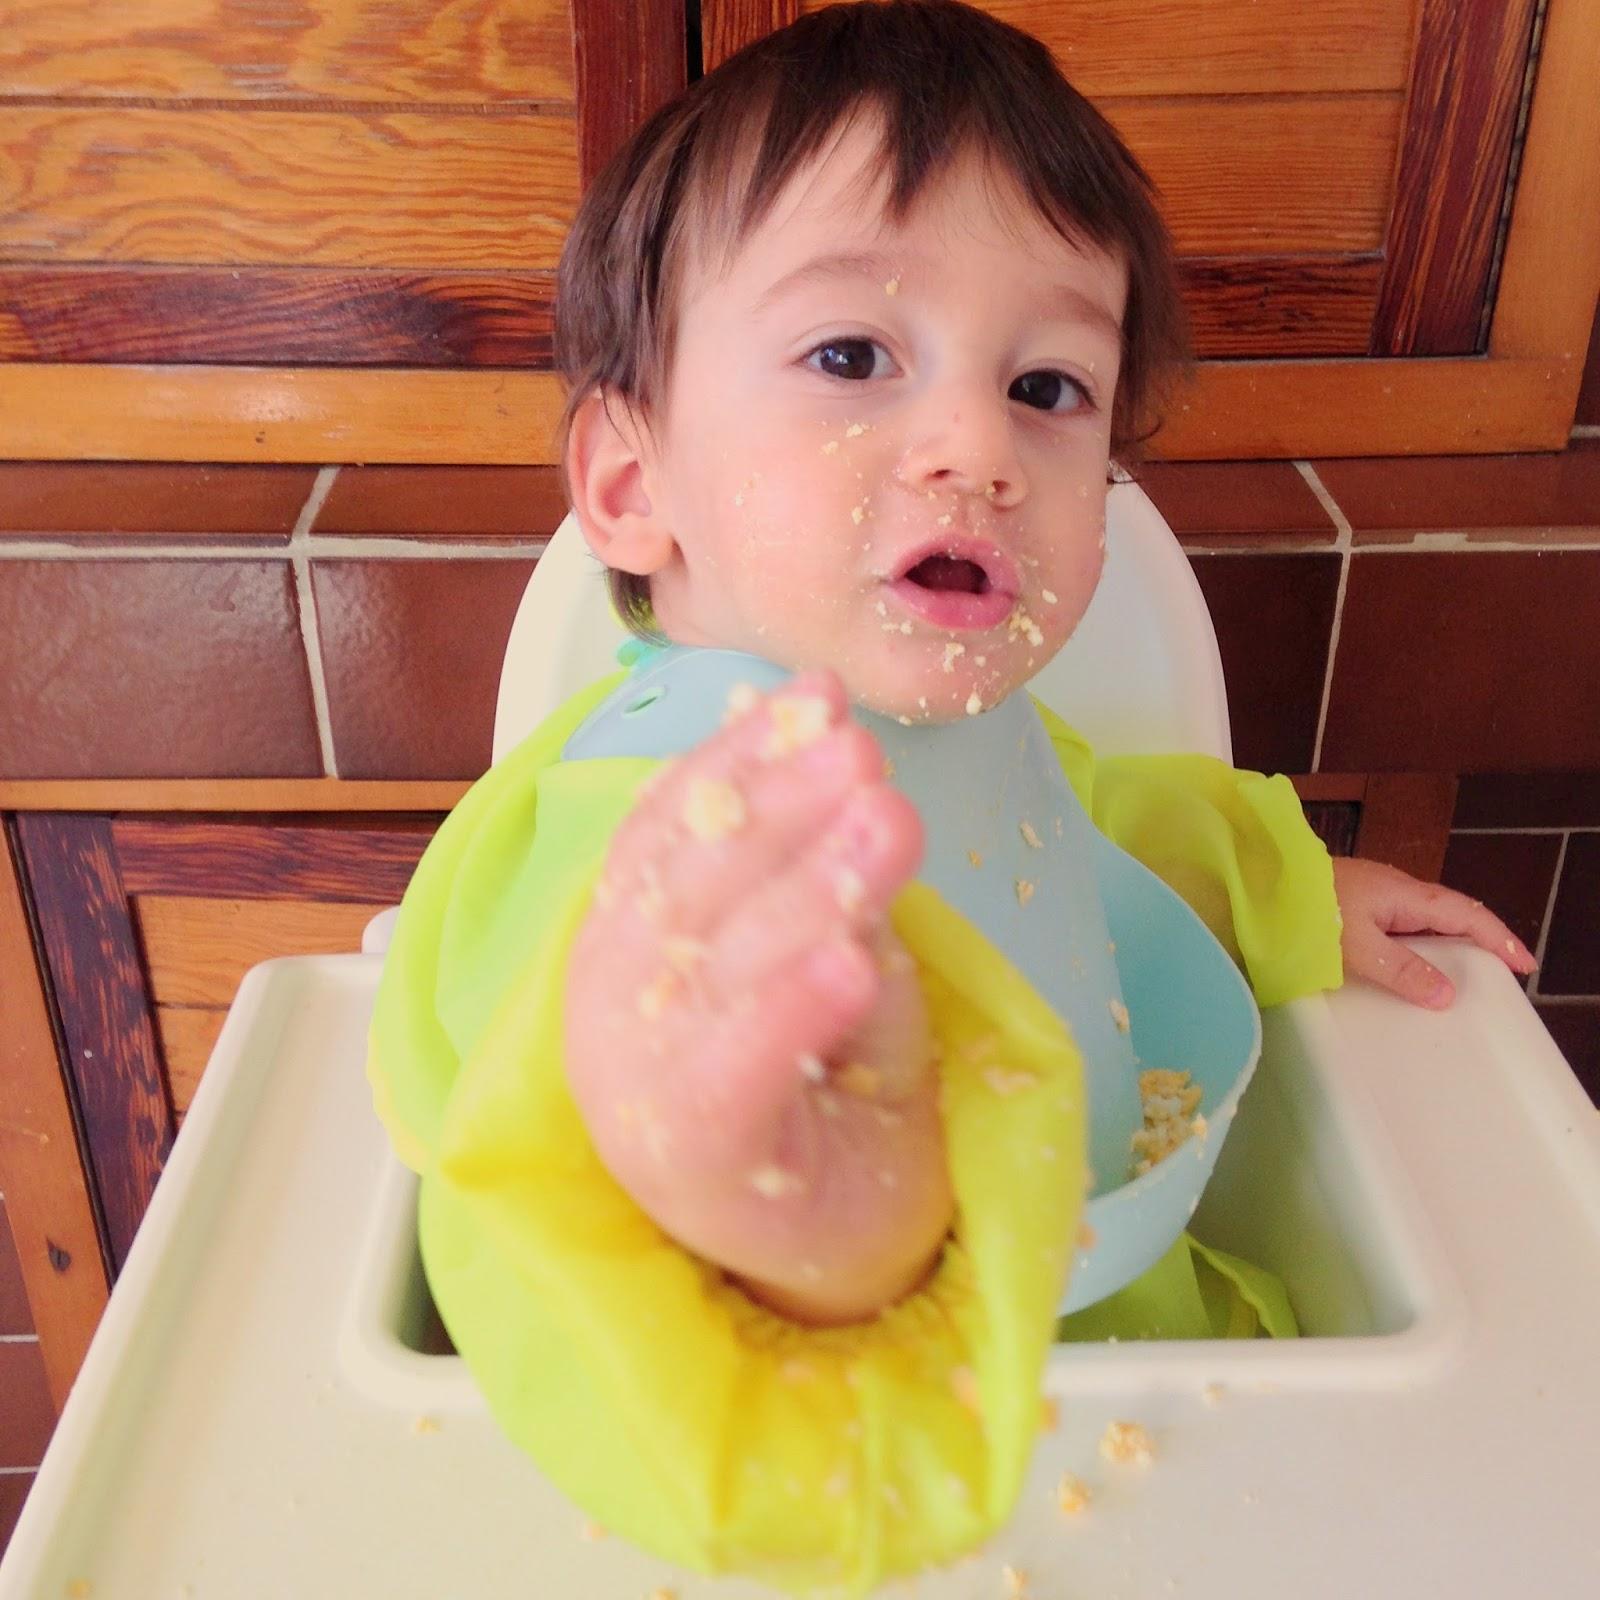 Bebek beslenmesinde BLW yöntemi nedir